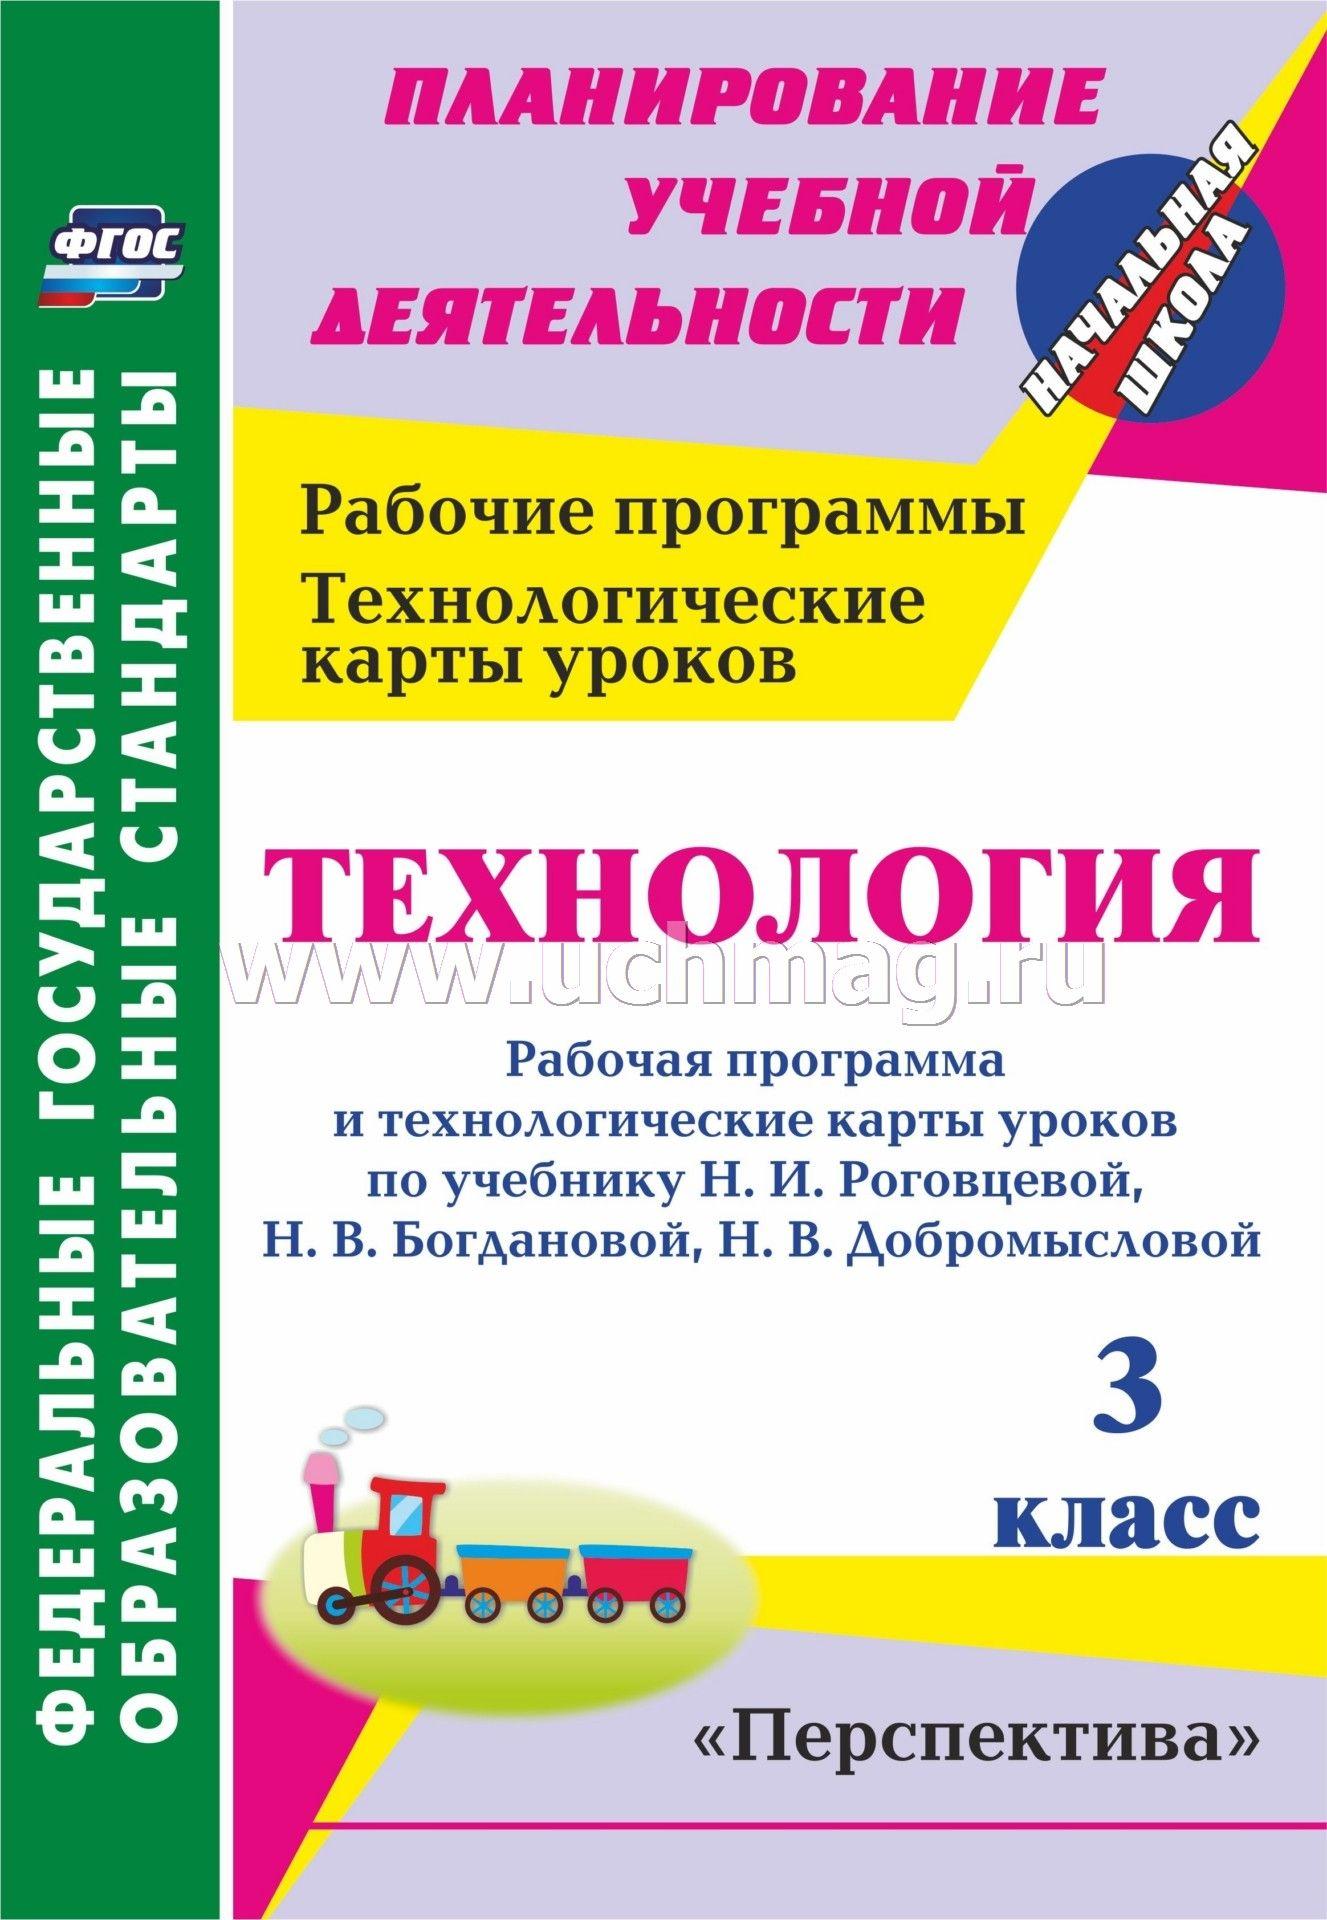 Скачать поурочные планы школа россии технология роговцева 1 класс